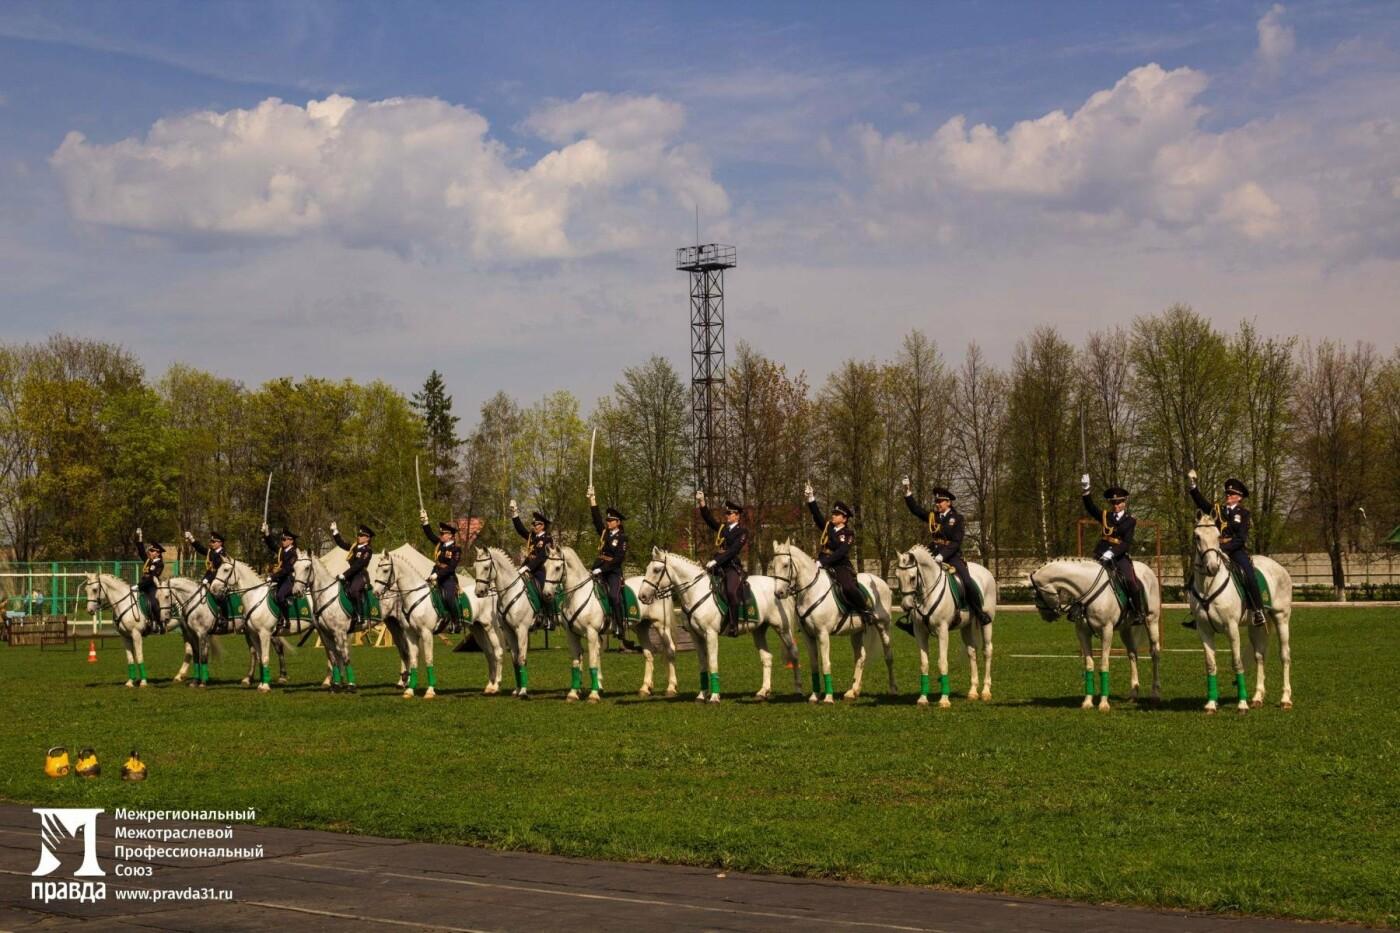 Белгородцы посетили Голицынский пограничный институт ФСБ России и стали третьими в военно-спортивной эстафете, фото-8